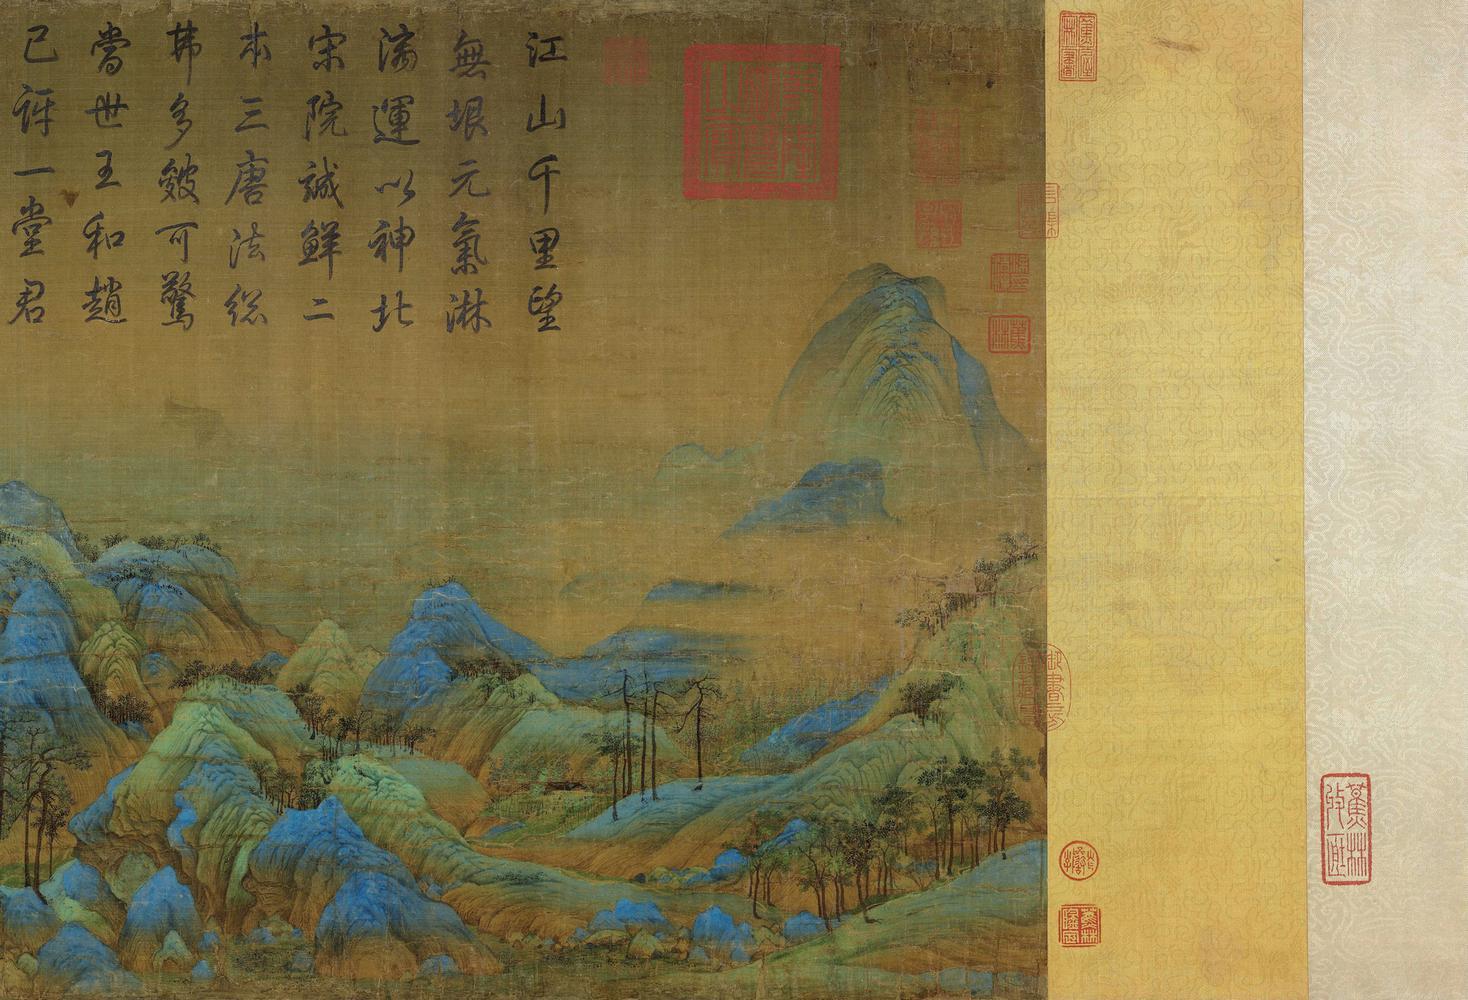 6.Wang_Ximeng_-_A_Thousand_Li_of_River_(Start).jpg